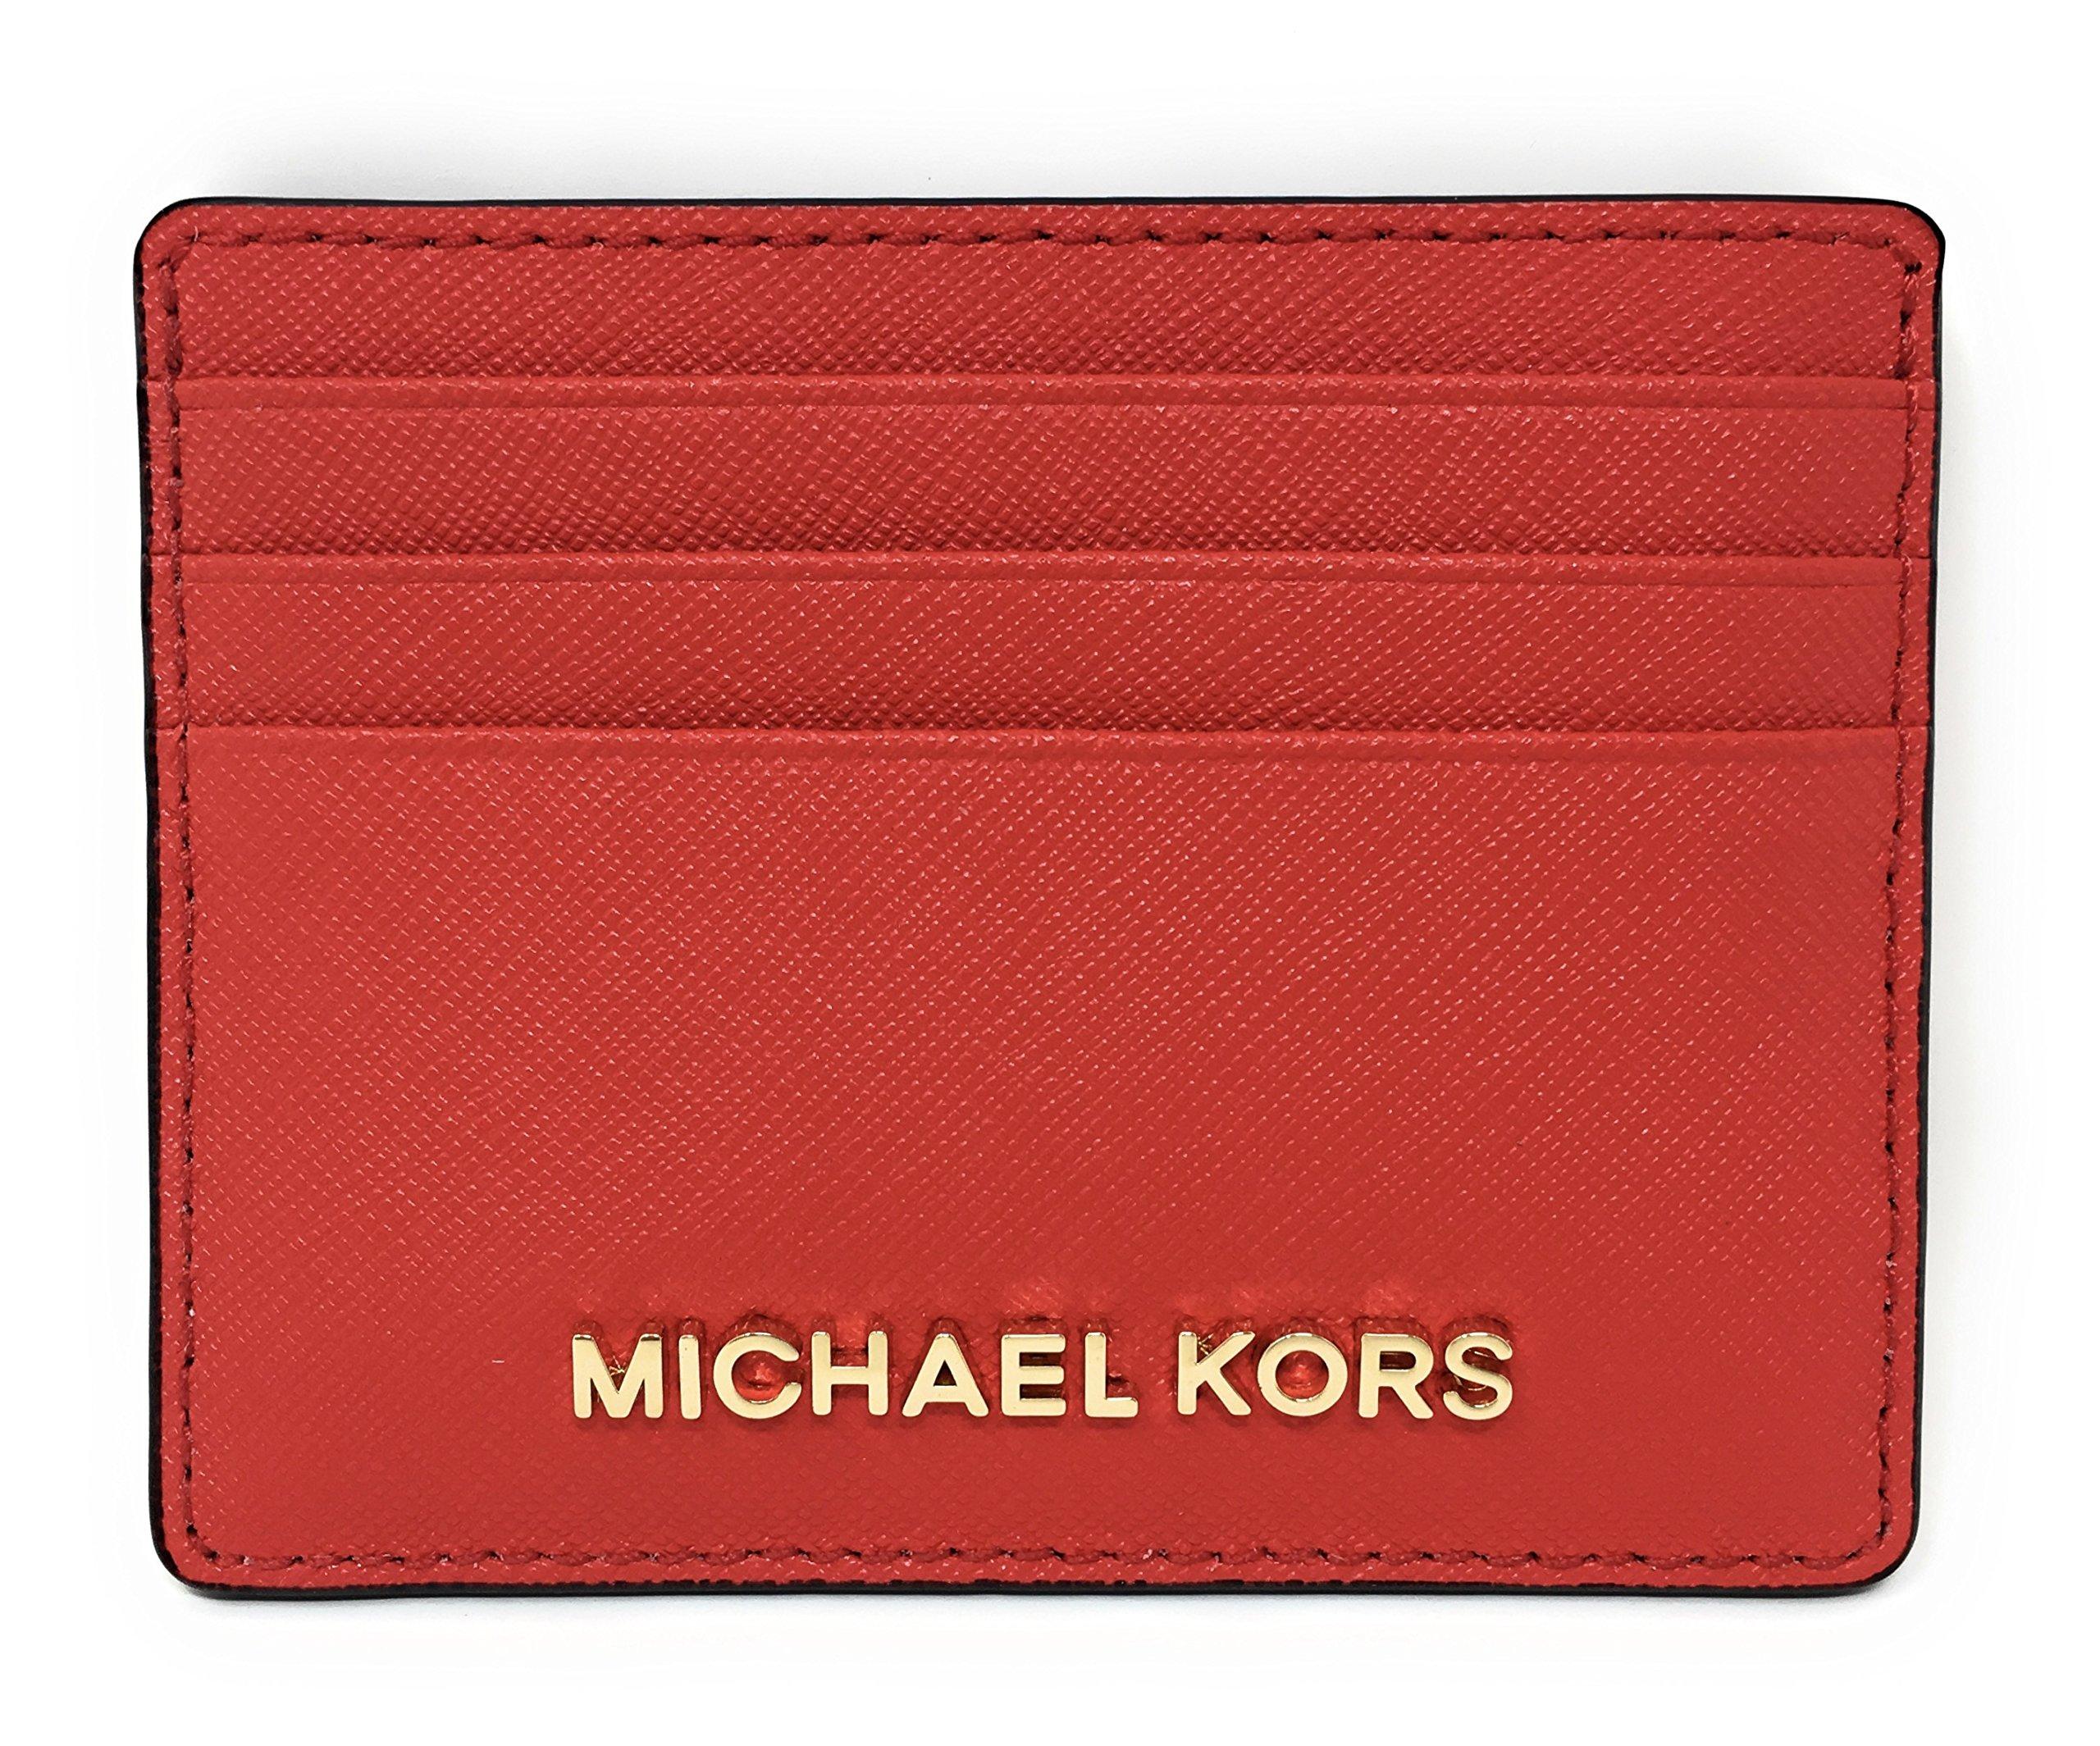 Michael Kors Jet Set Travel Large Saffiano Leather Card Holder (Dark Sangria)